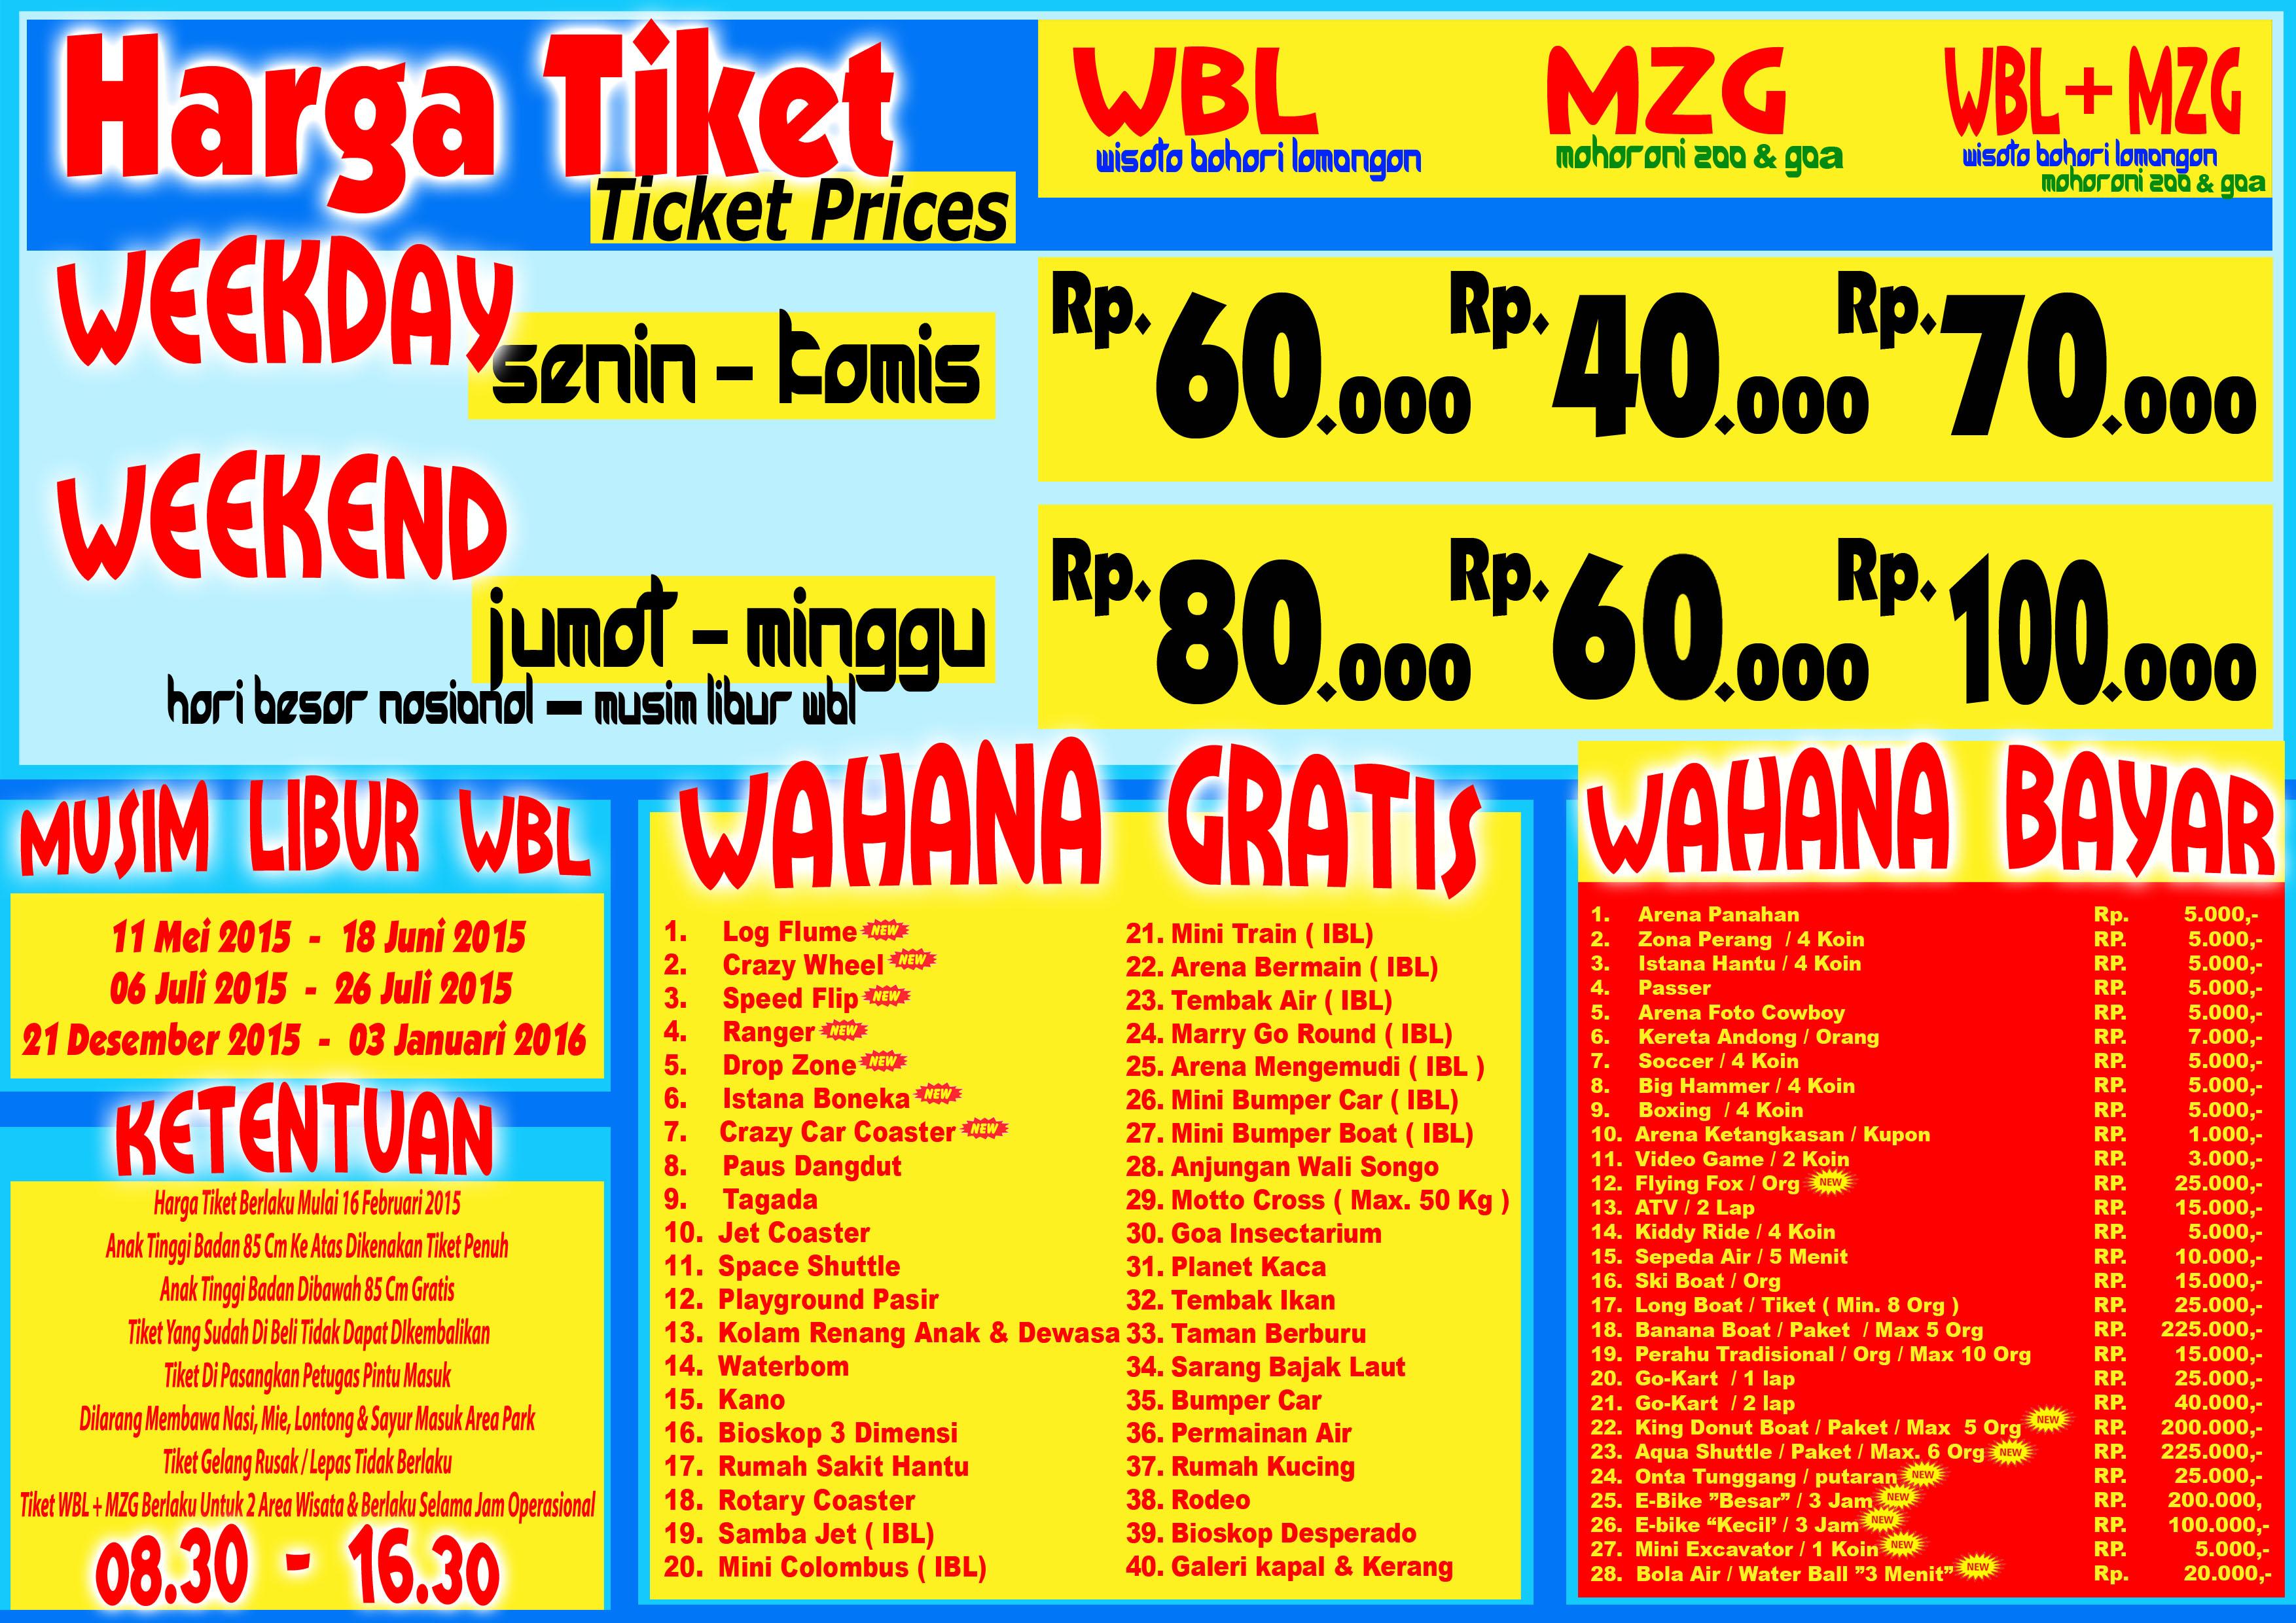 Tiket Masuk Wbl Lamongan 9 - Tour Informasi Dan Tiket Wisata 9